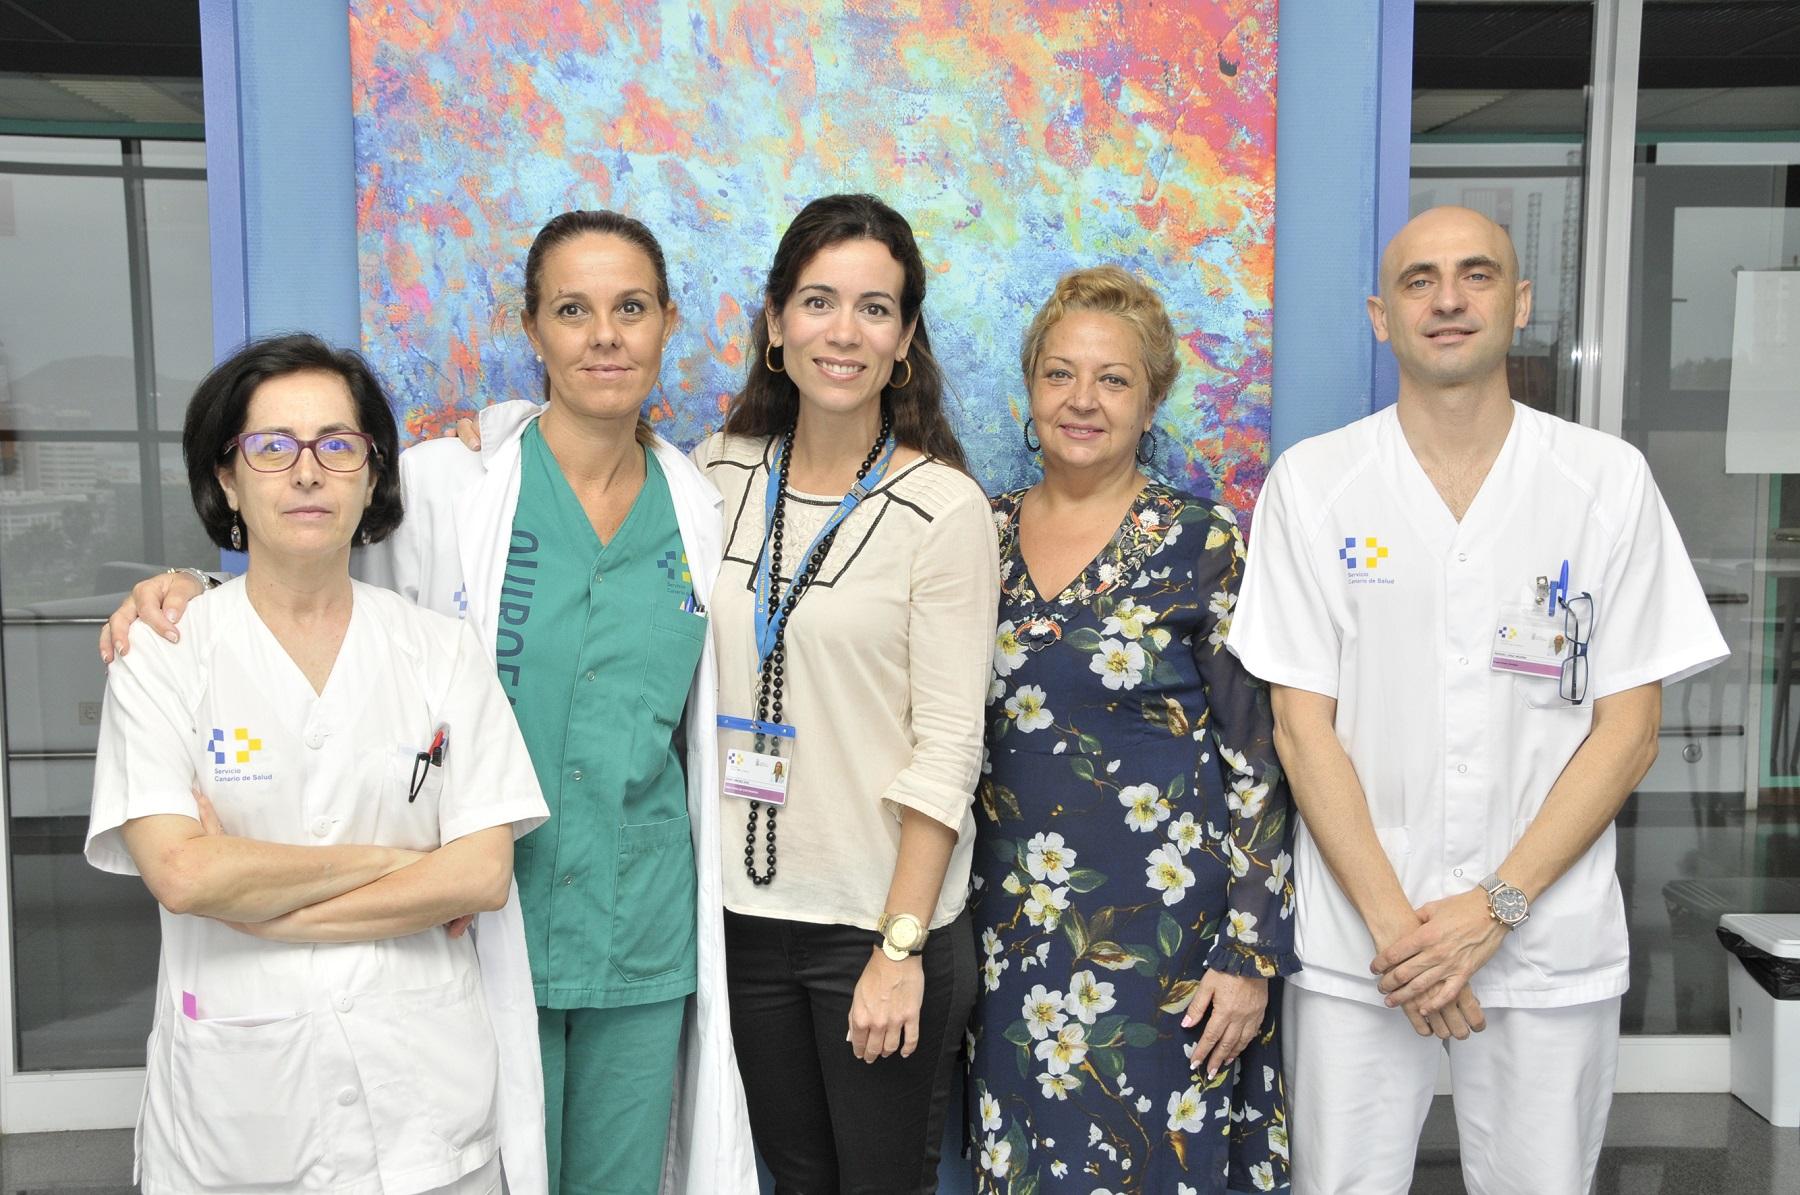 Profesionales de Enfermería participantes en el Congreso Nacional.